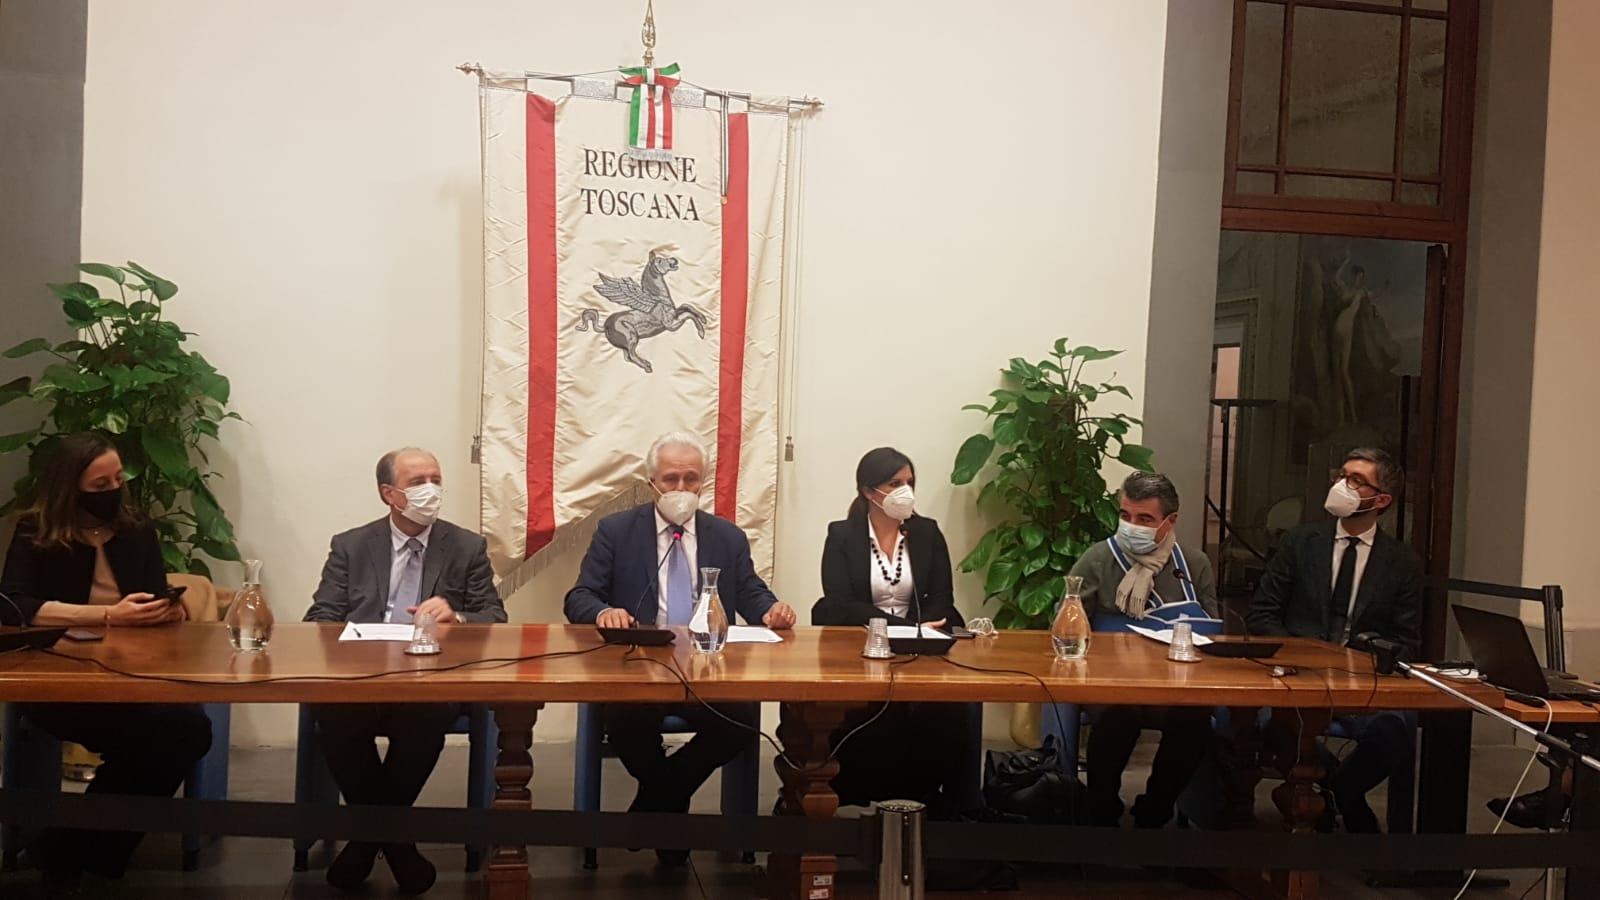 Scuola, trasporti e Covid, la Toscana pronta a tornare in classe dal 7 gennaio